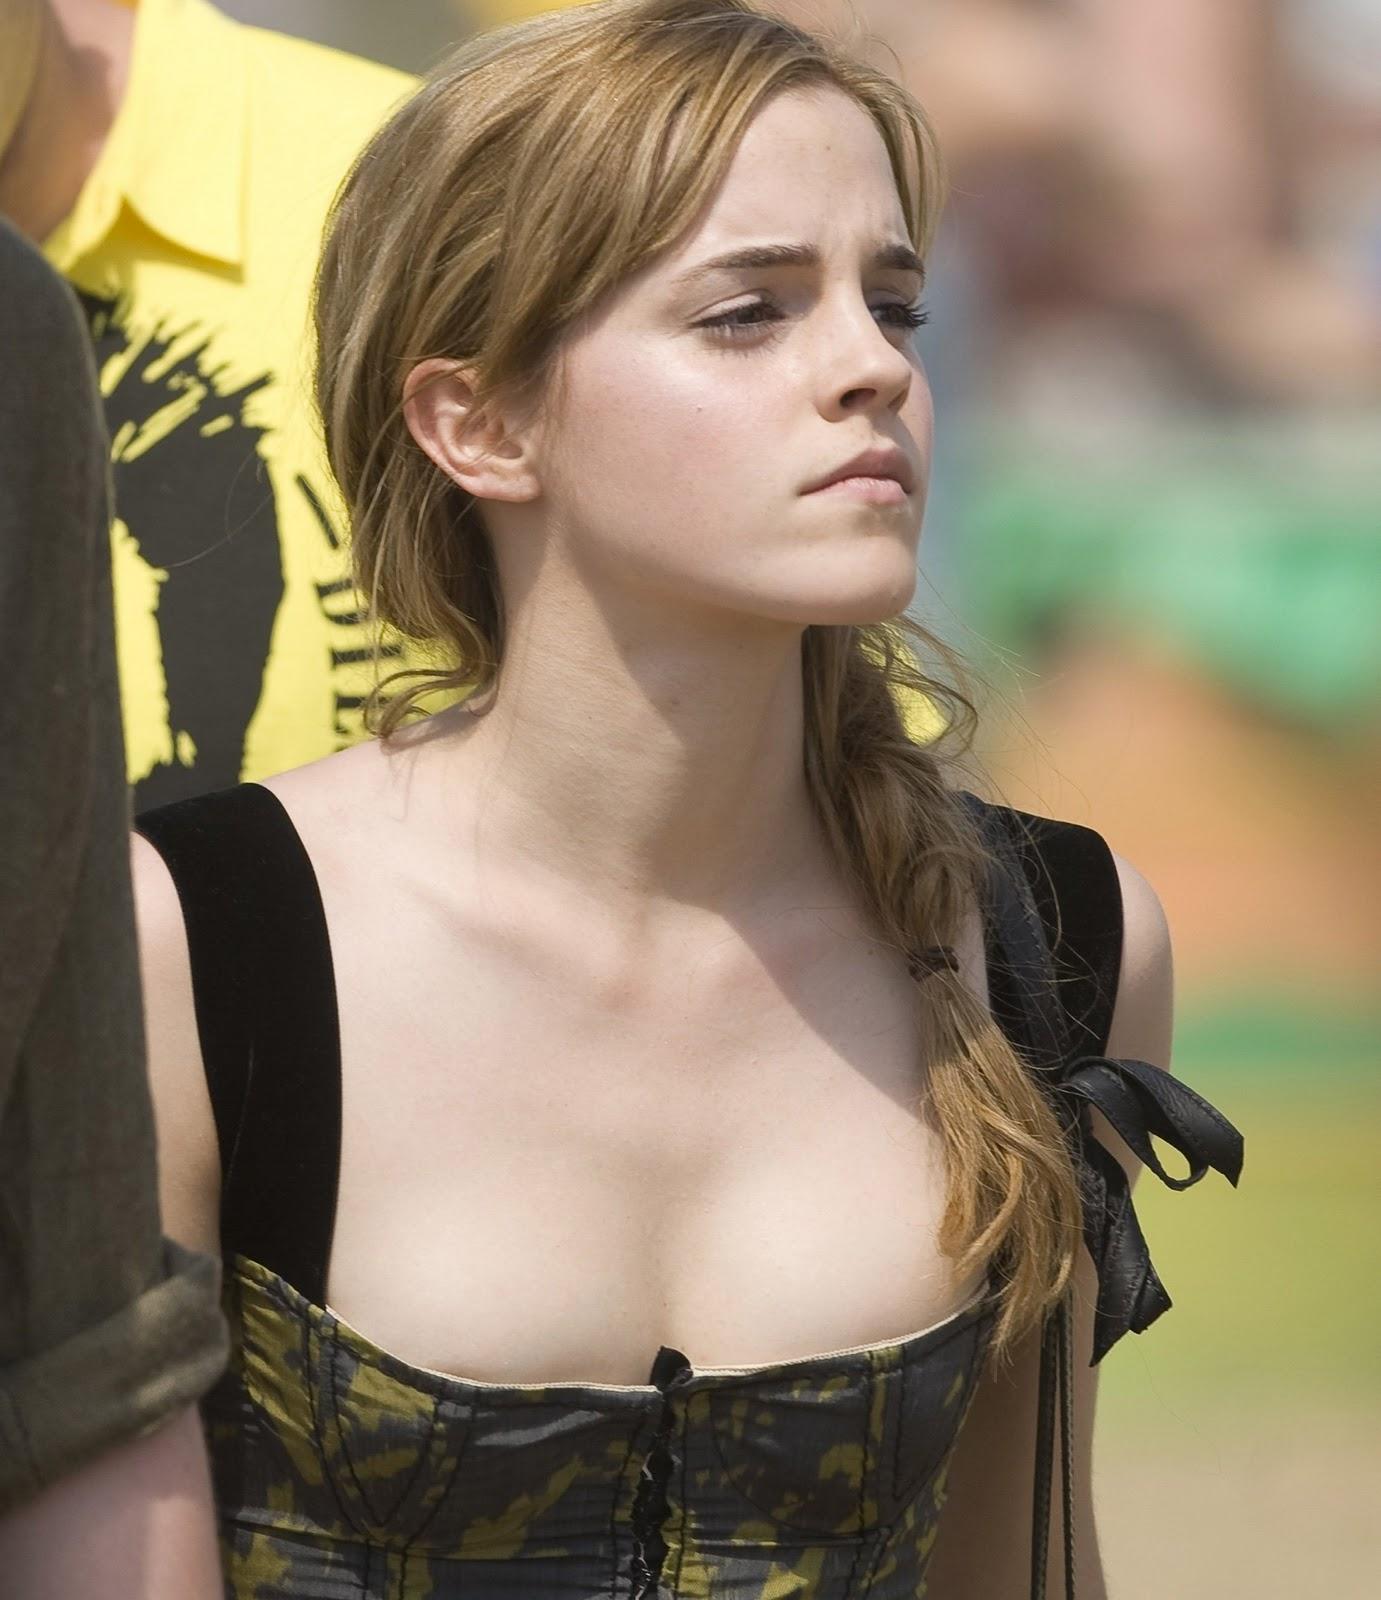 http://4.bp.blogspot.com/-gJK9w3NyXo4/TXiP0K255_I/AAAAAAAAS-w/Uf7sseloYwc/s1600/emma-watson-nude-nipples.jpg